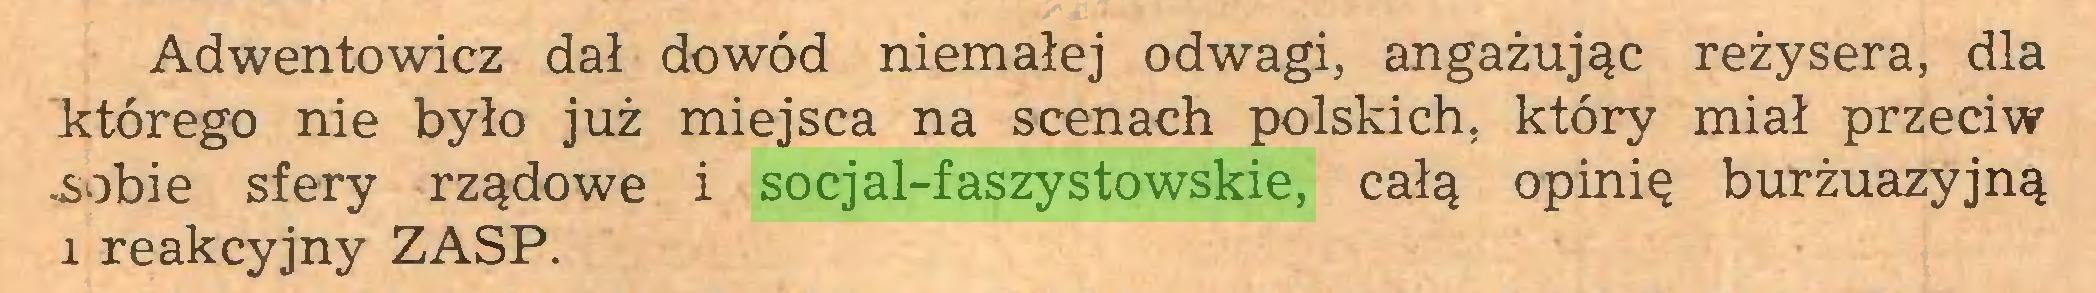 (...) Adwentowicz dał dowód niemałej odwagi, angażując reżysera, dla którego nie było już miejsca na scenach polskich, który miał przeciw .sobie sfery rządowe i socjal-faszystowskie, całą opinię burżuazyjną i reakcyjny ZASP...